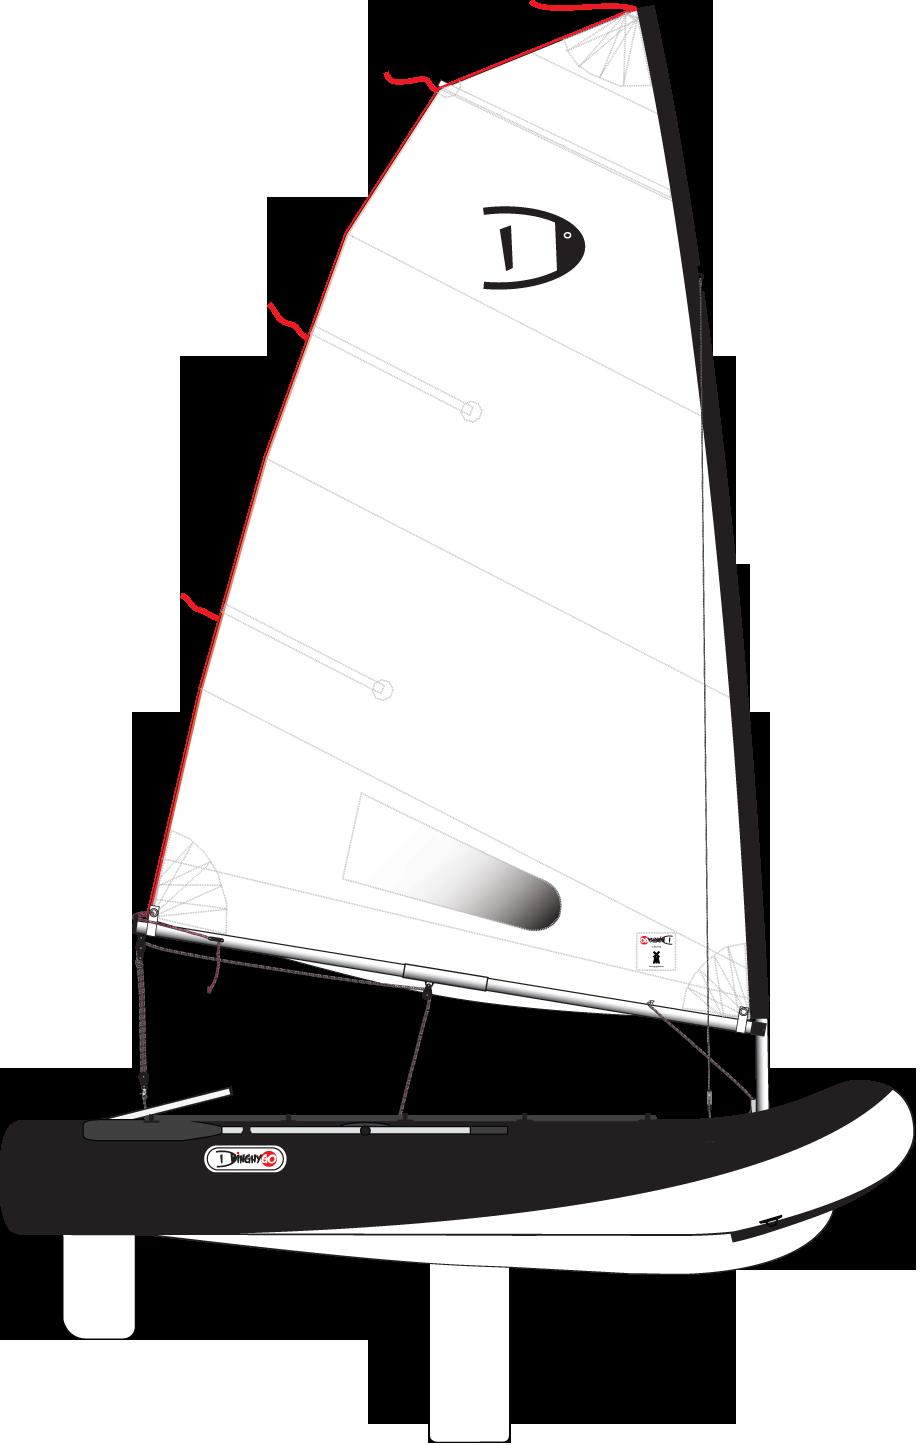 DinghyGo Orca (Lieferung April 2019)